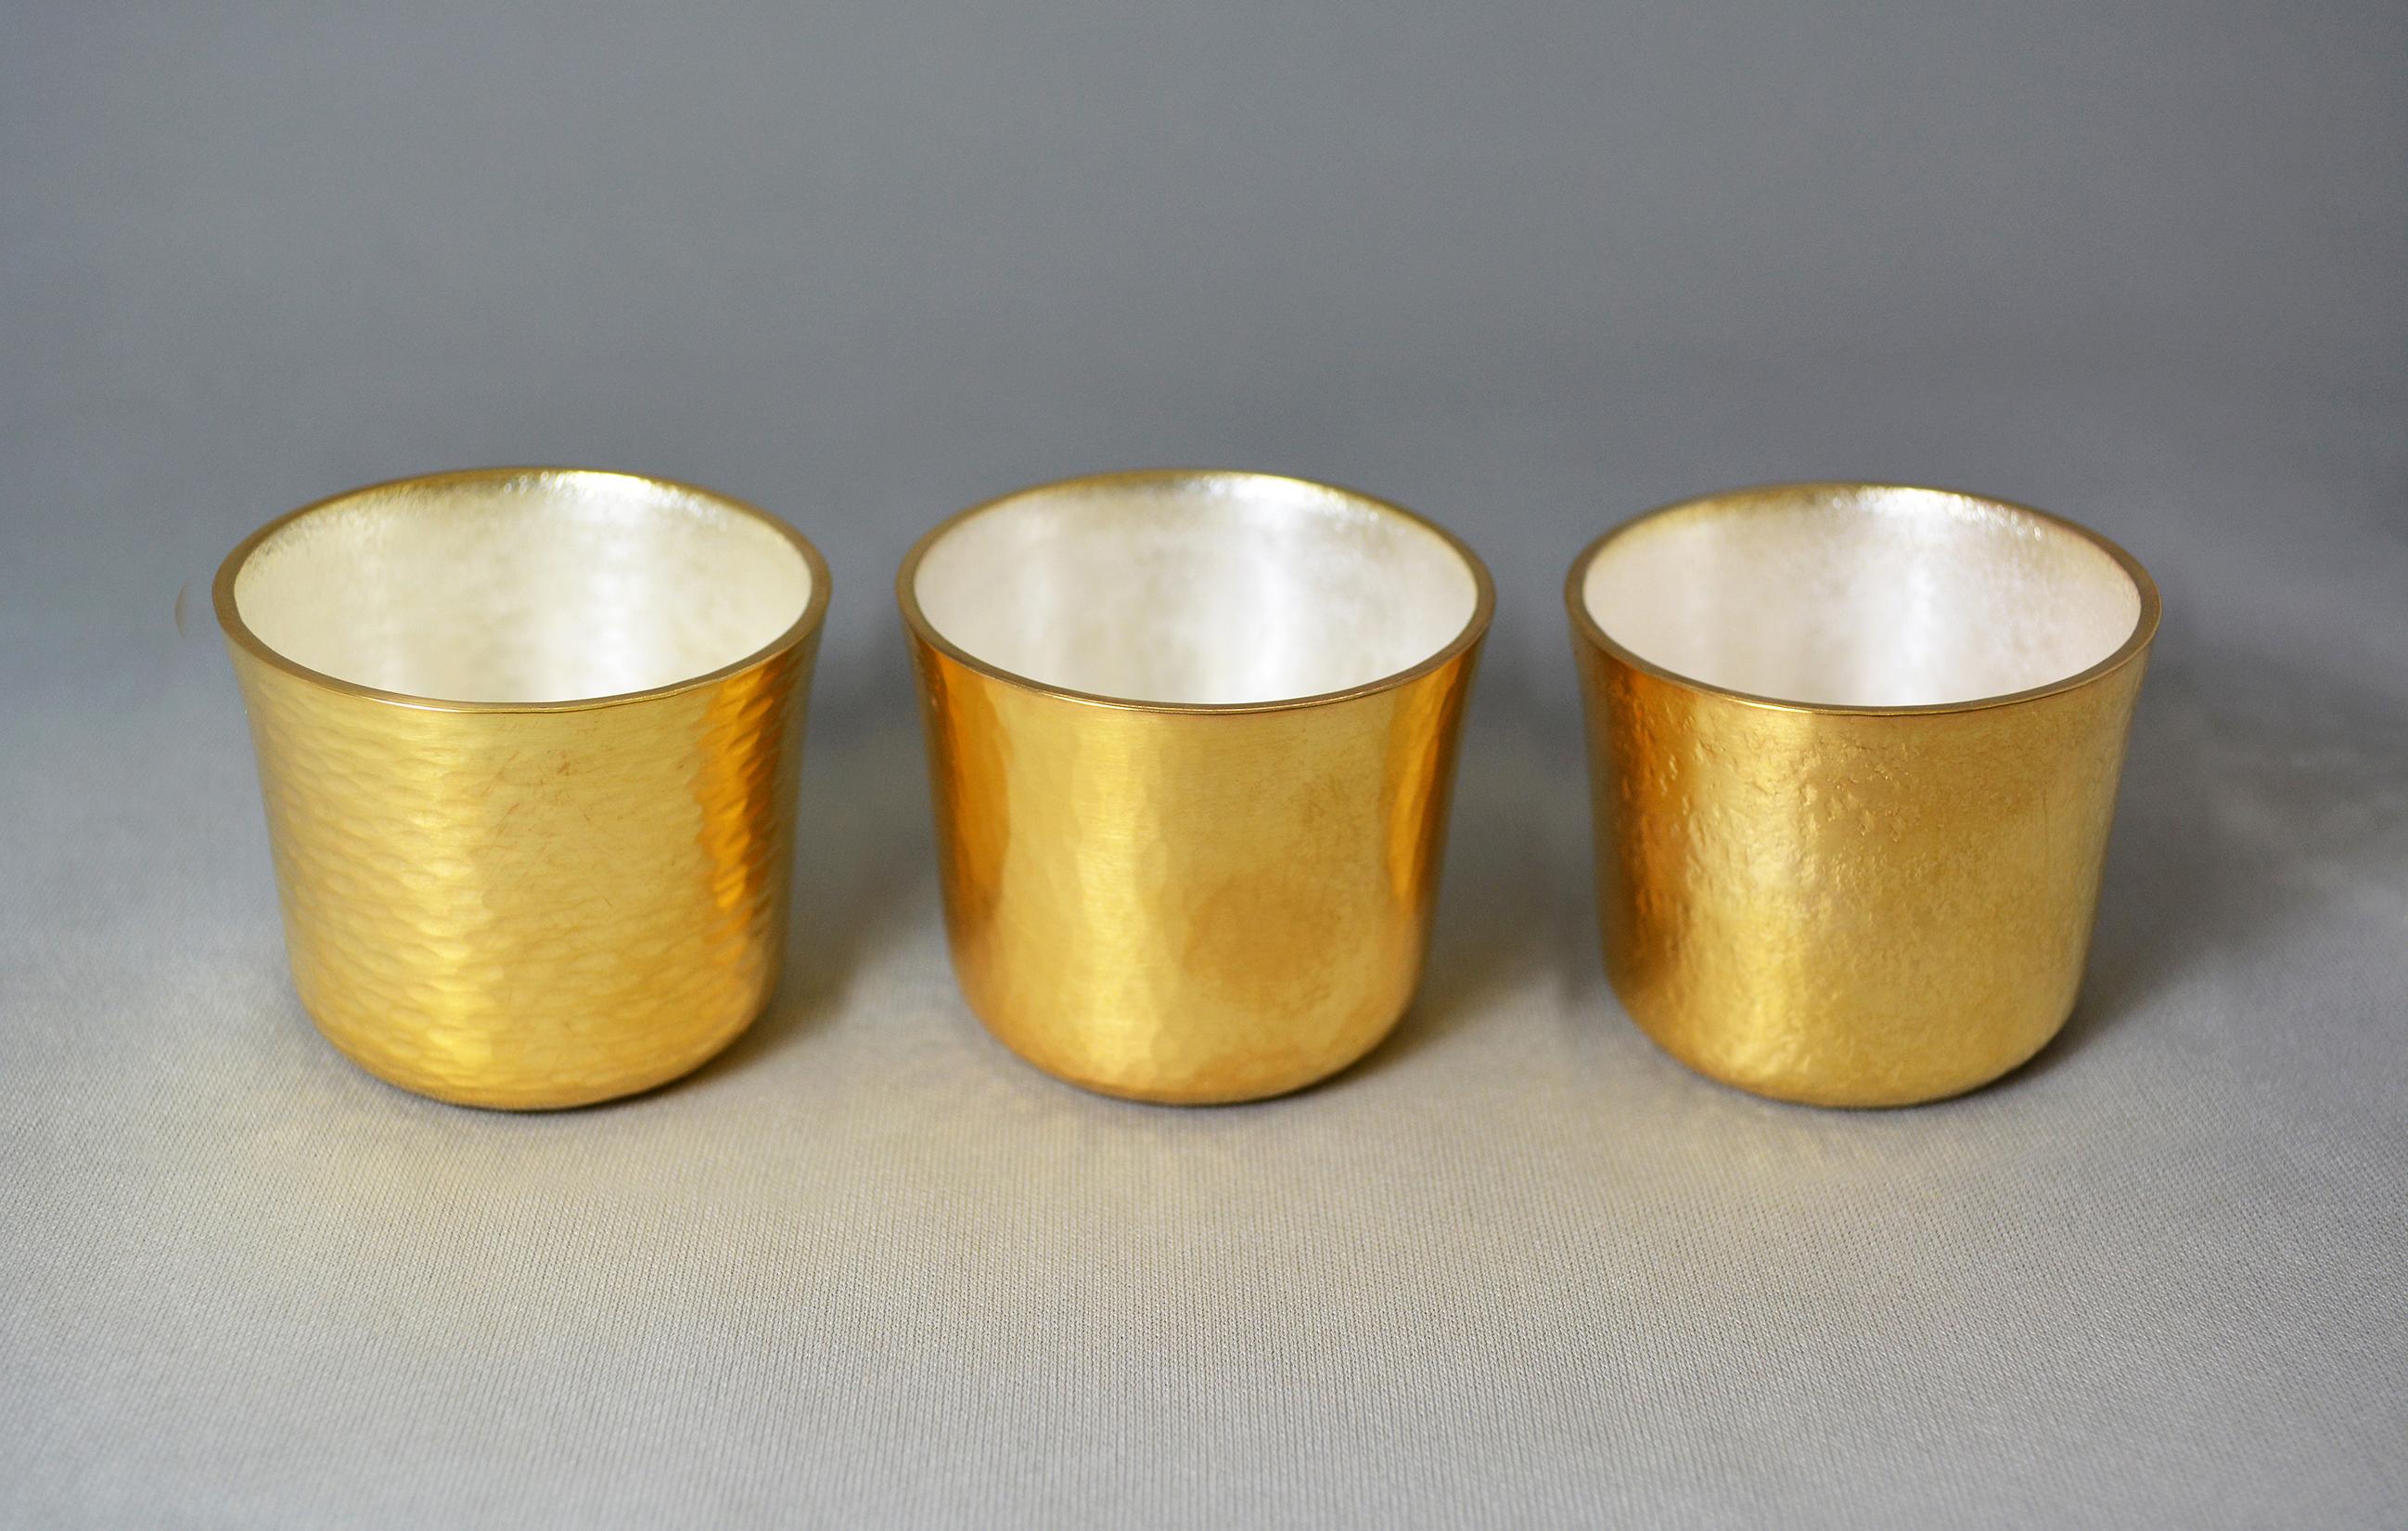 真鍮製 / 本消金めっき、消銀めっき